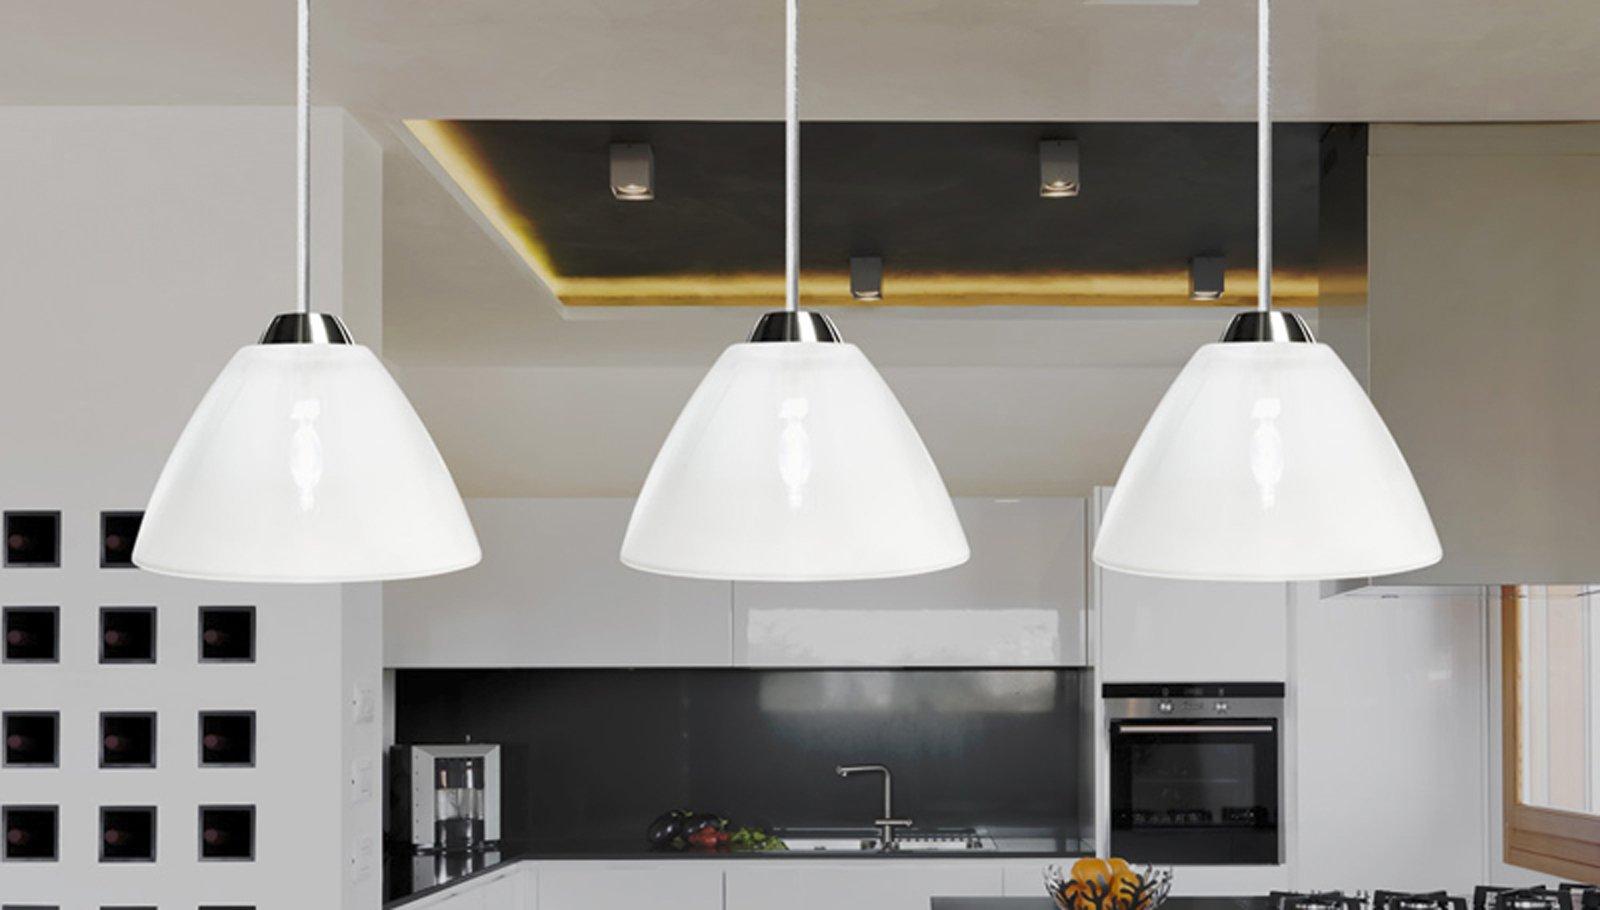 Lampadari a quale altezza appenderli cose di casa - Ikea lampade da soffitto ...